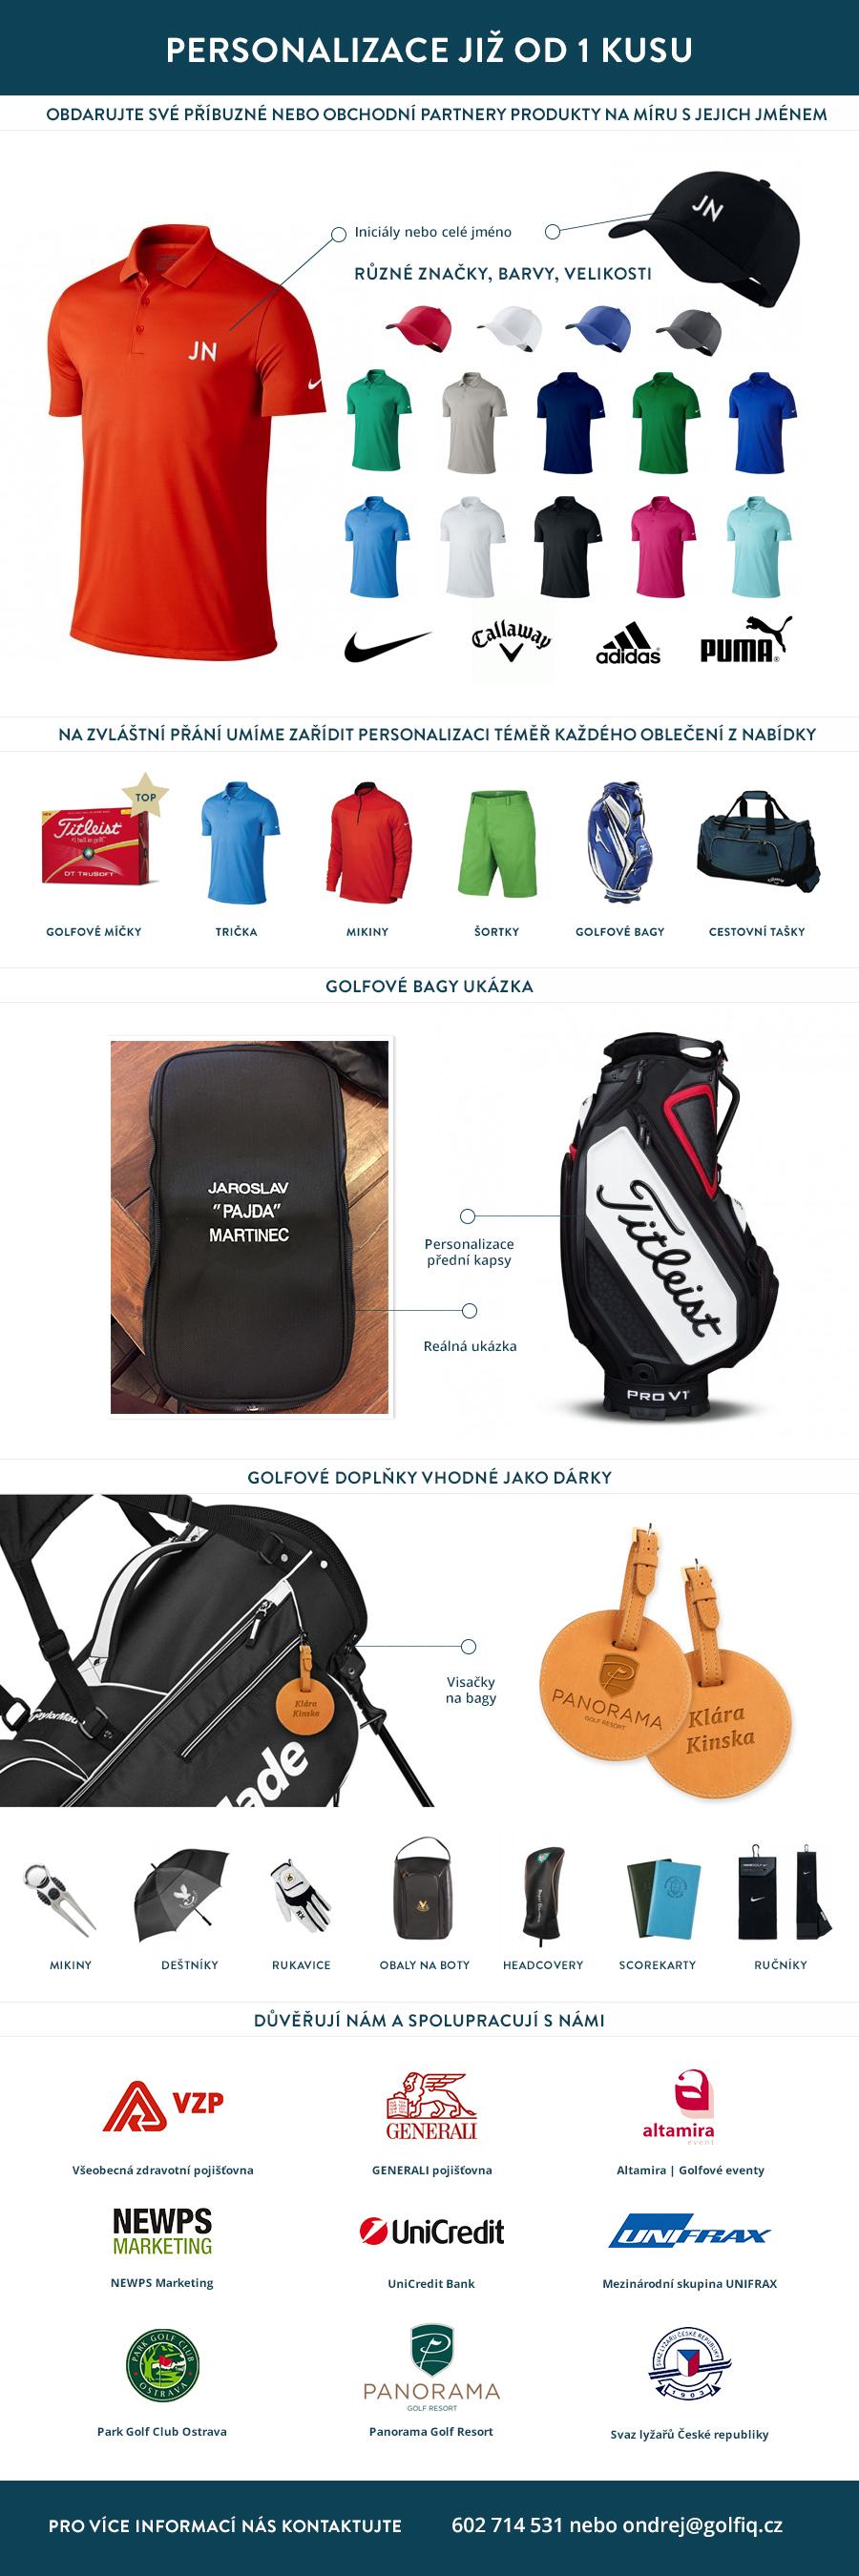 Personalizace golfových produktů od 1 kusu